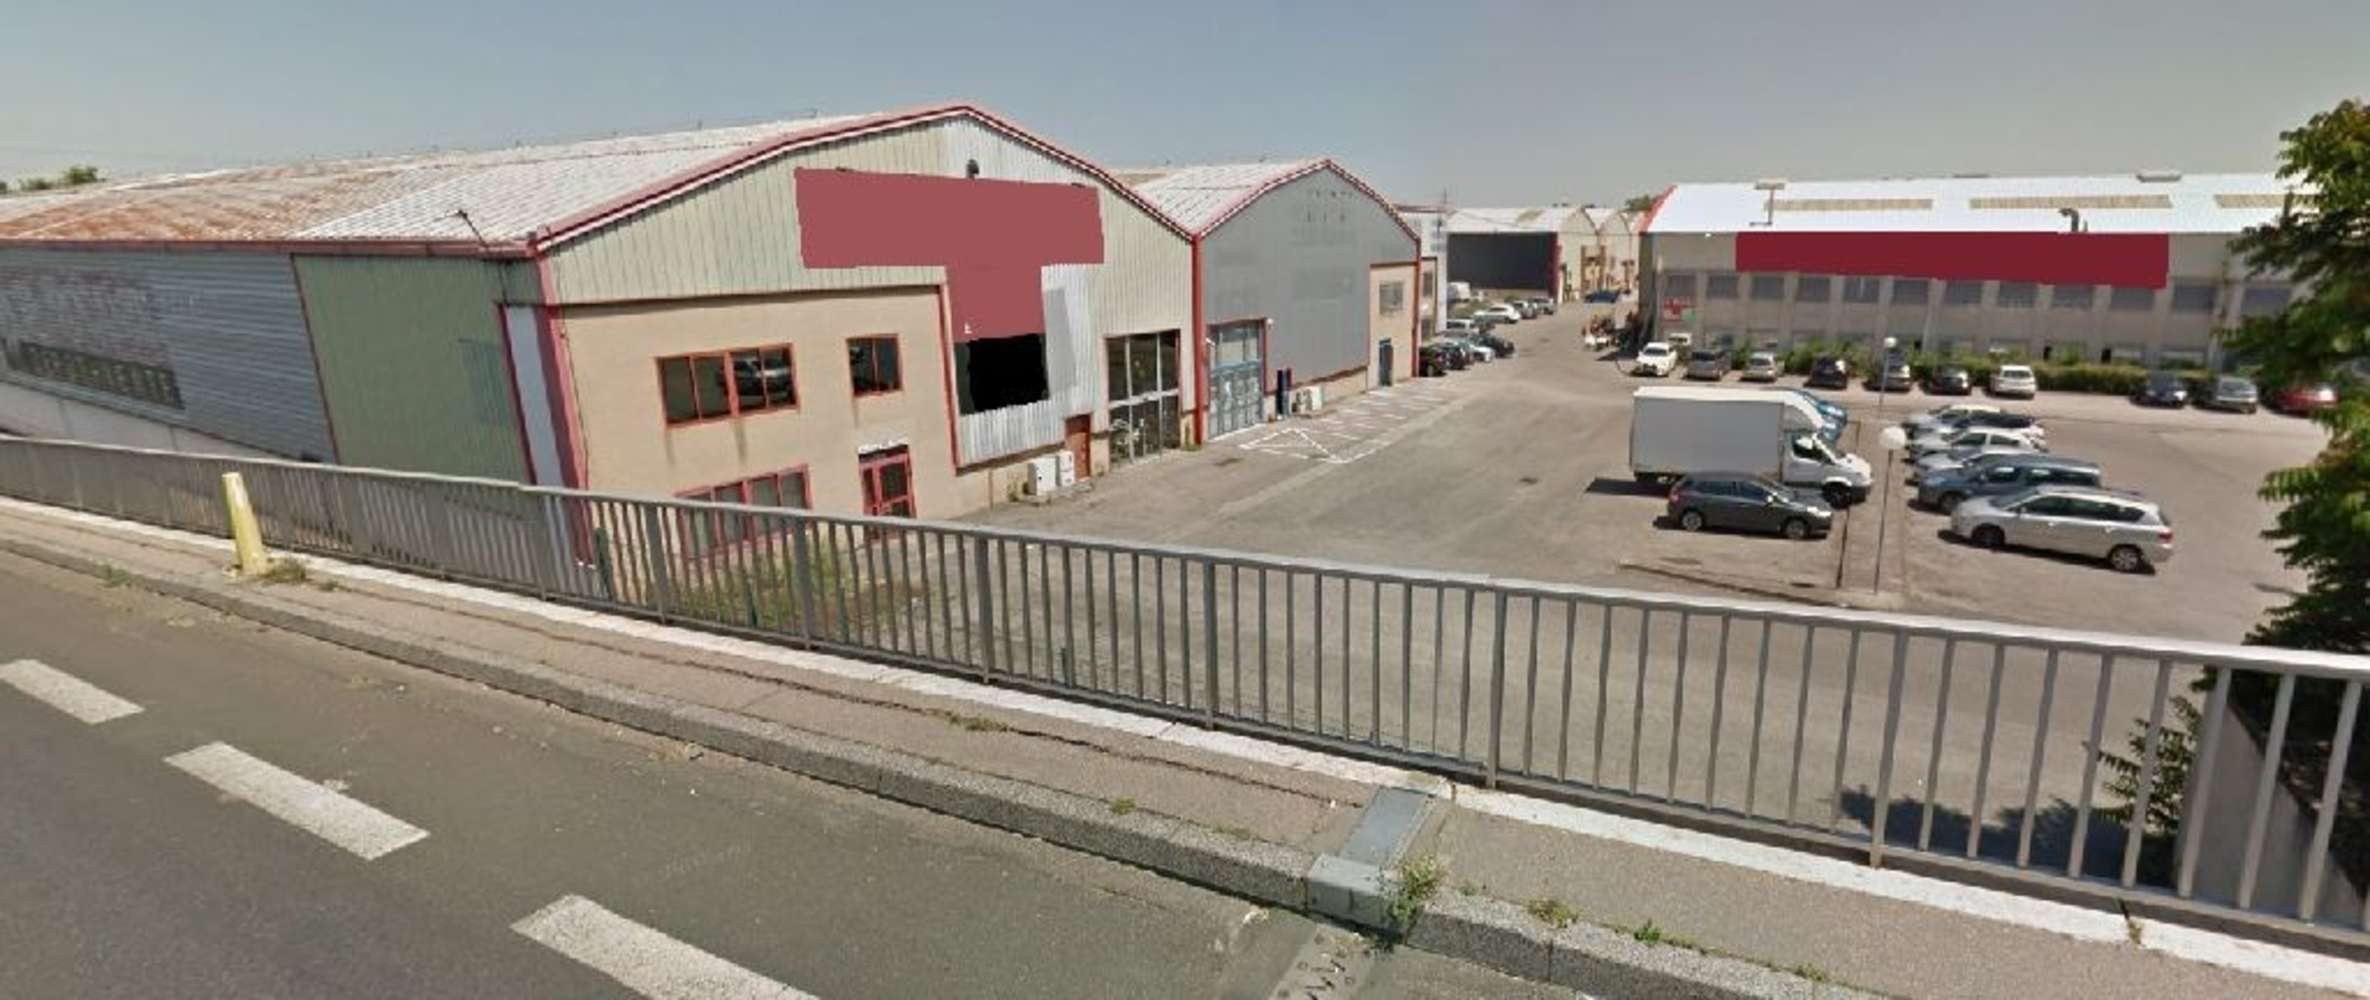 Activités/entrepôt Venissieux, 69200 - Location locaux d'activité Vénissieux - 10066995